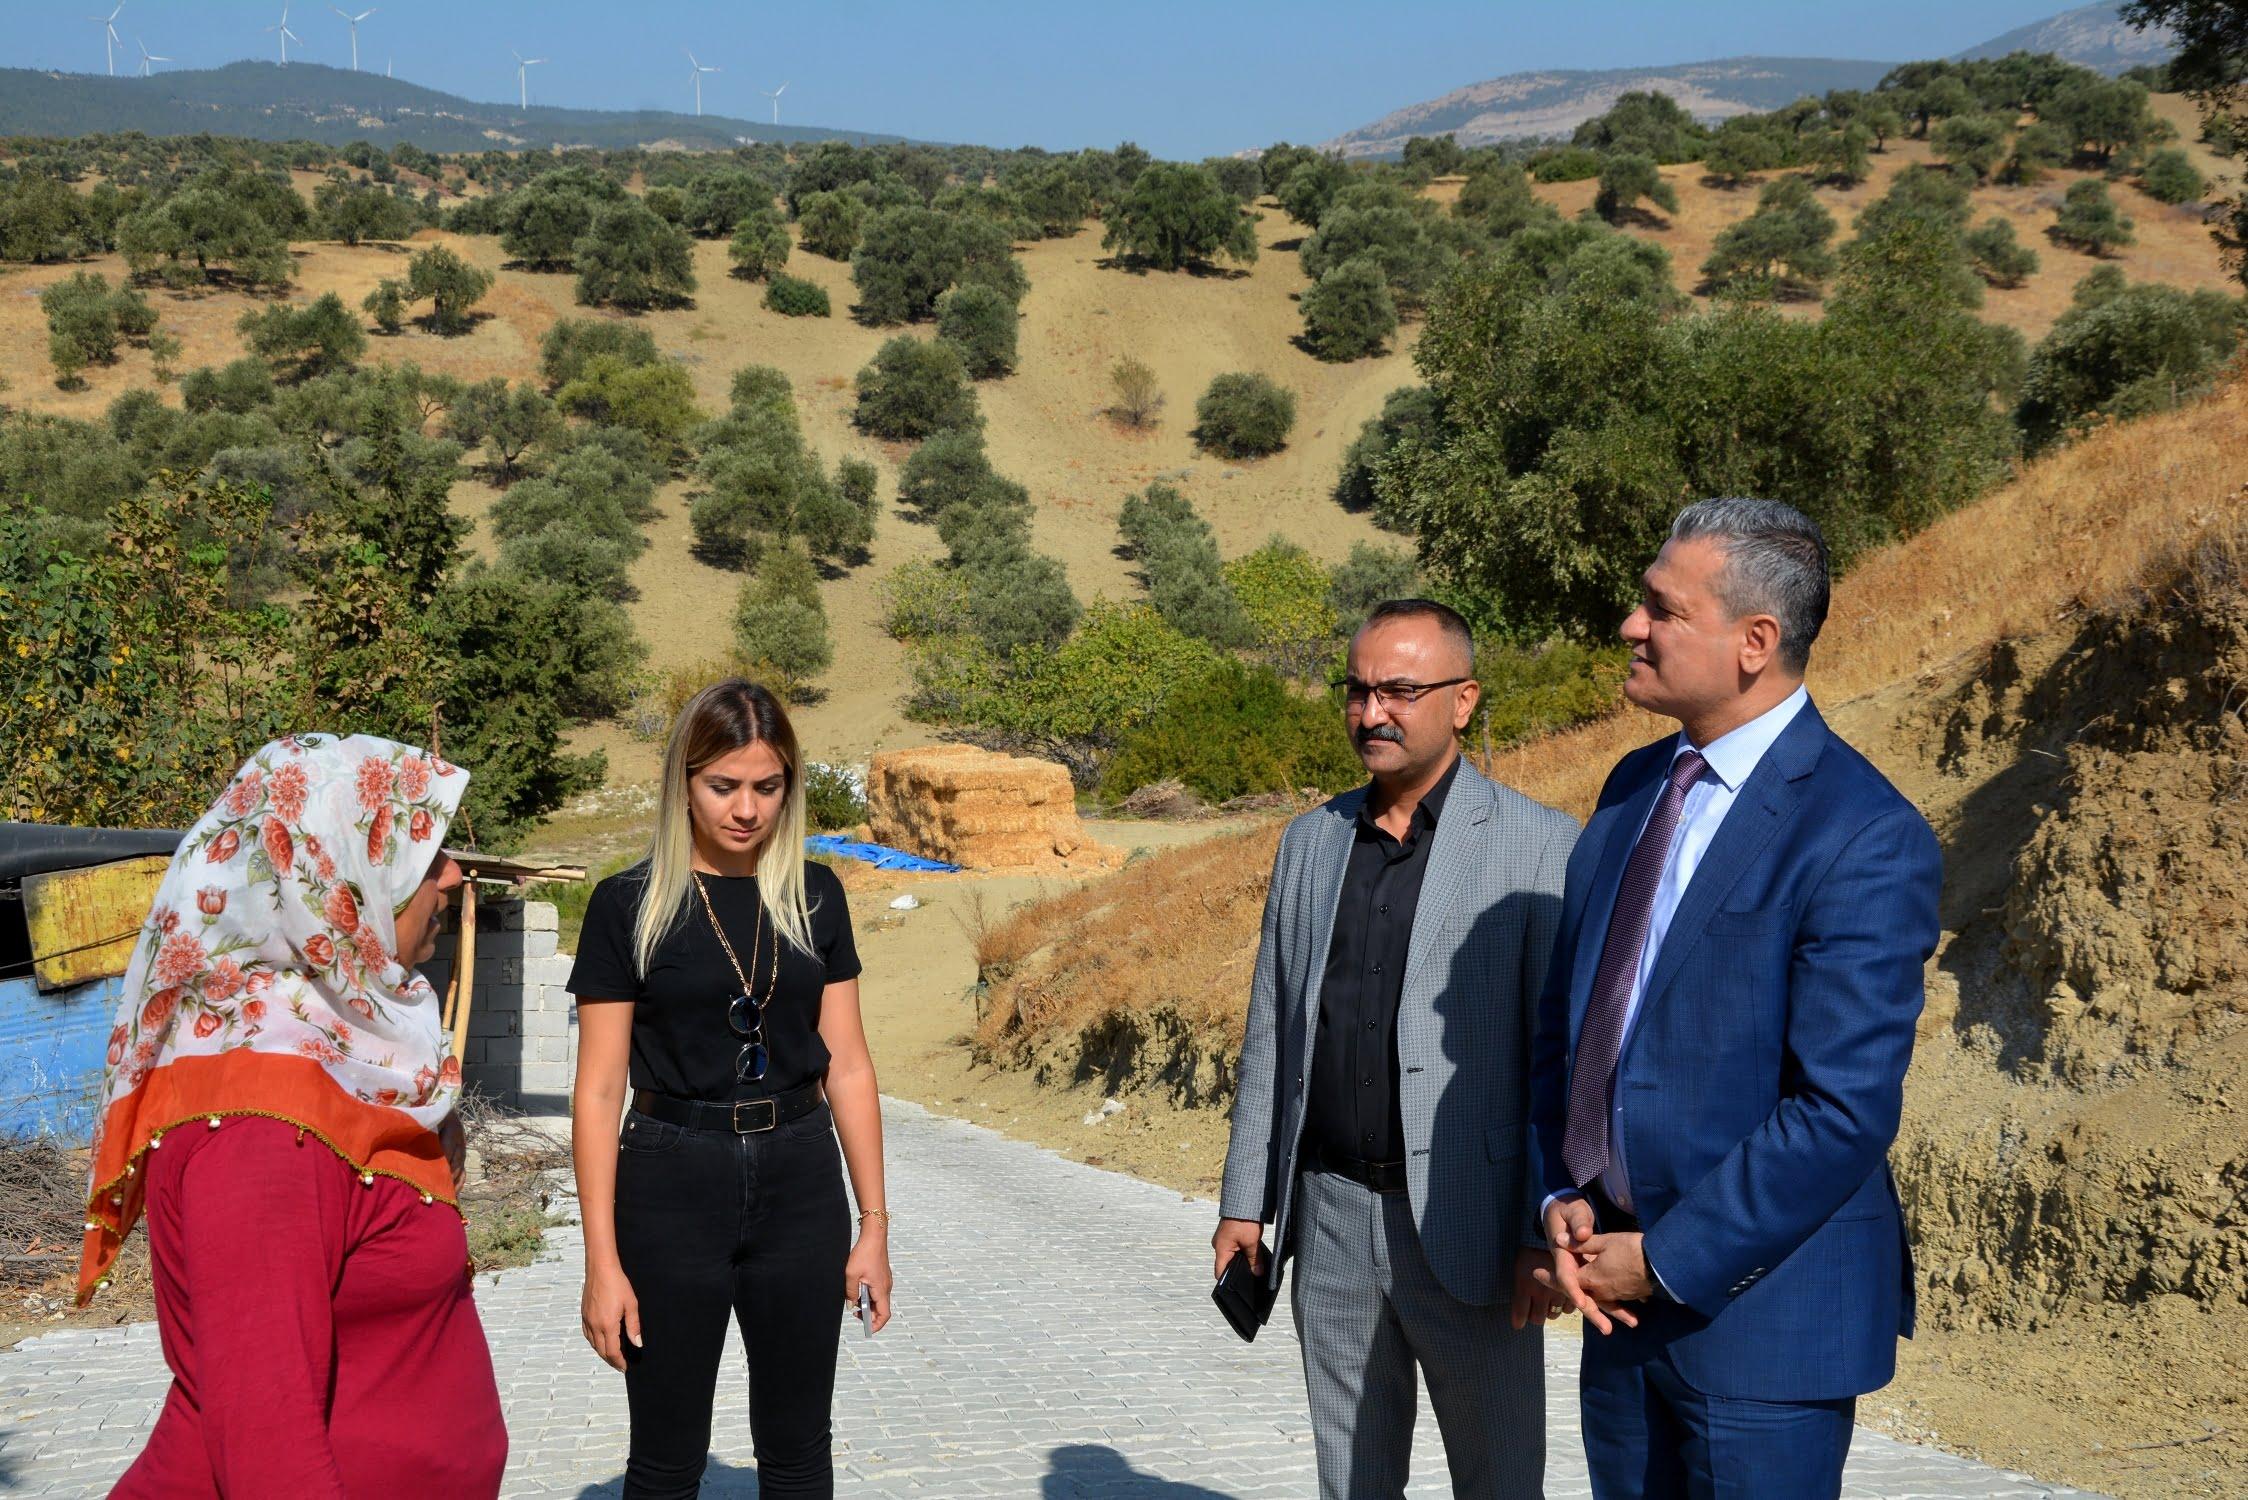 Belen Belediye Başkanı İbrahim Gül; HİZMET İÇİN VARIZ